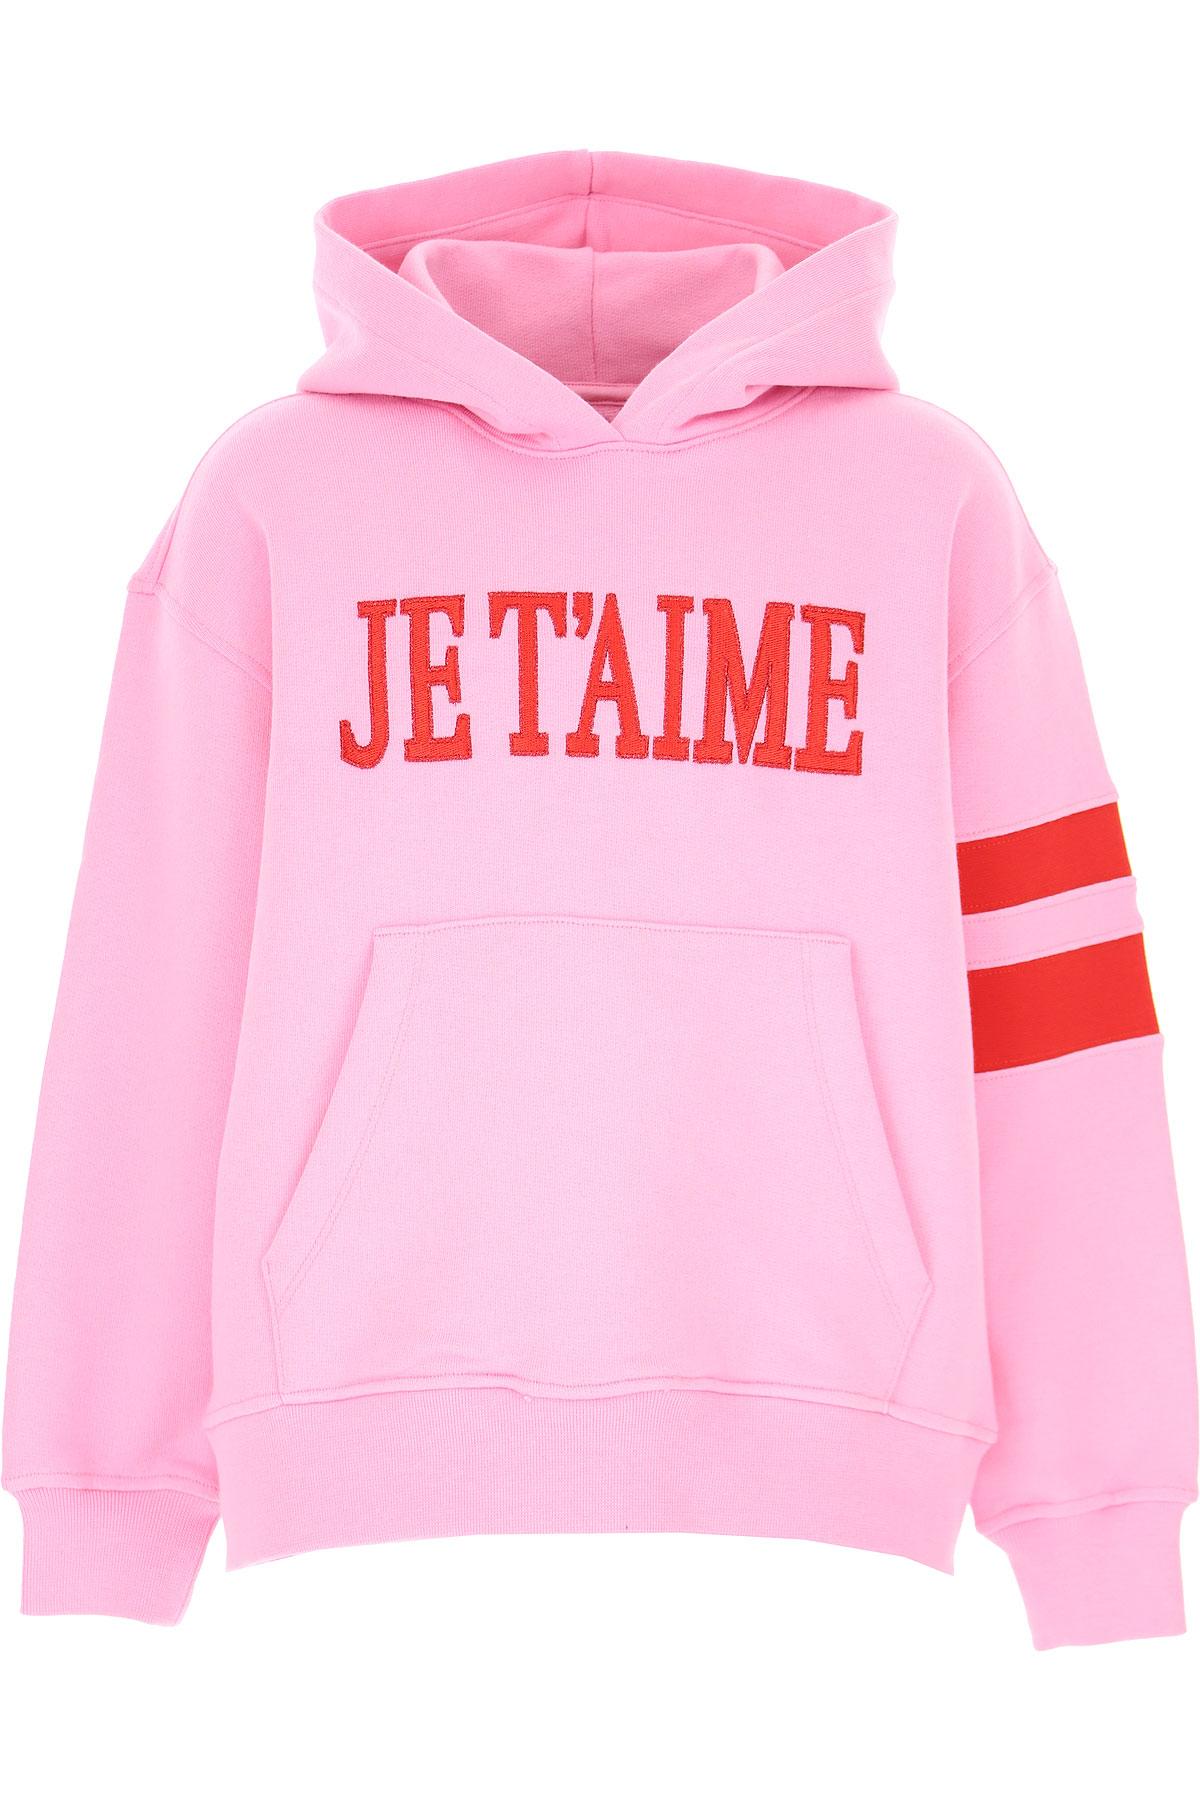 Alberta Ferretti Kids Sweatshirts & Hoodies for Girls On Sale, Baby Pink, Cotton, 2019, 10Y 12Y 14Y 4Y 8Y